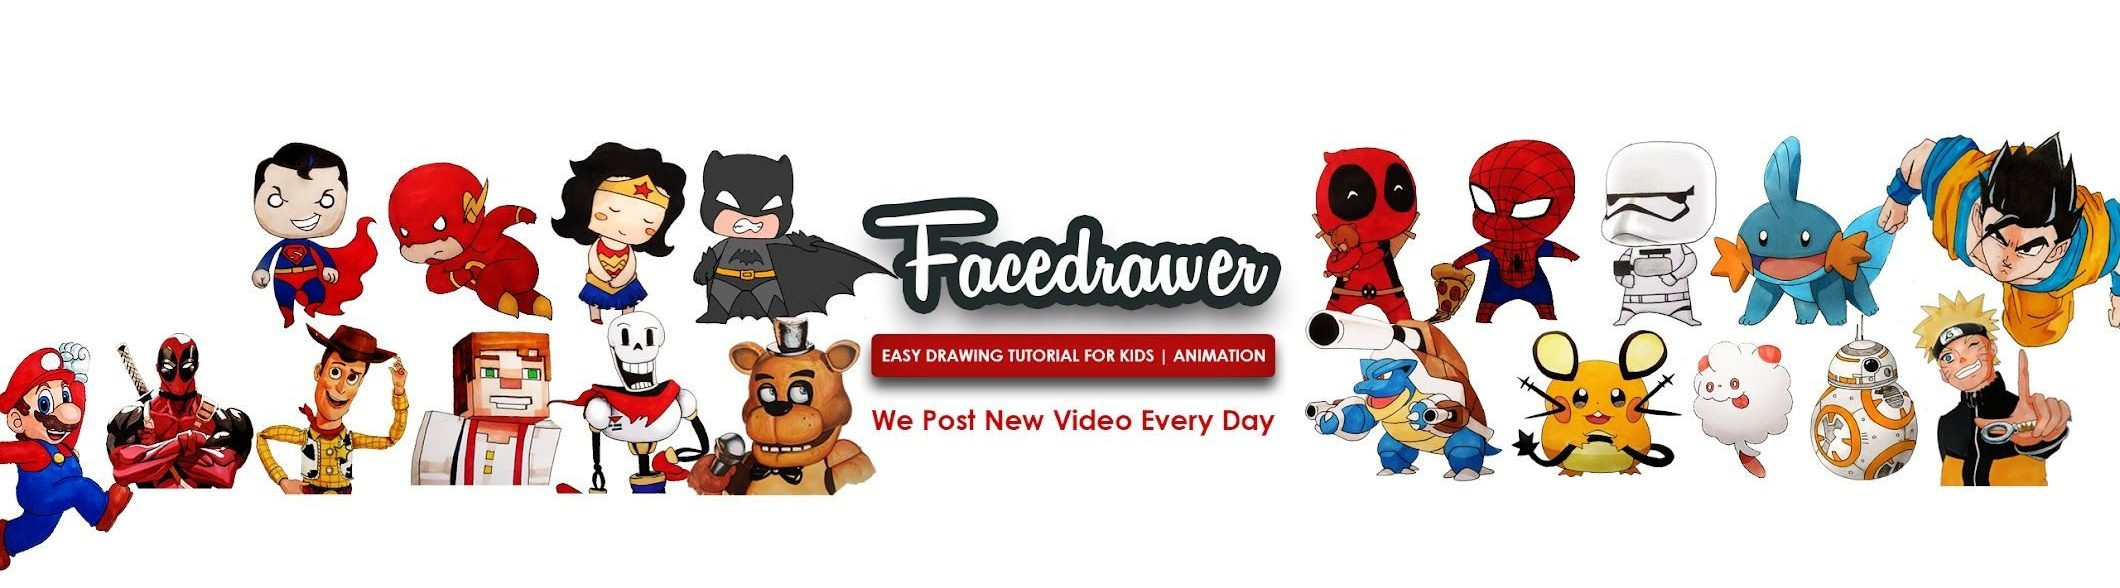 FaceDrawer